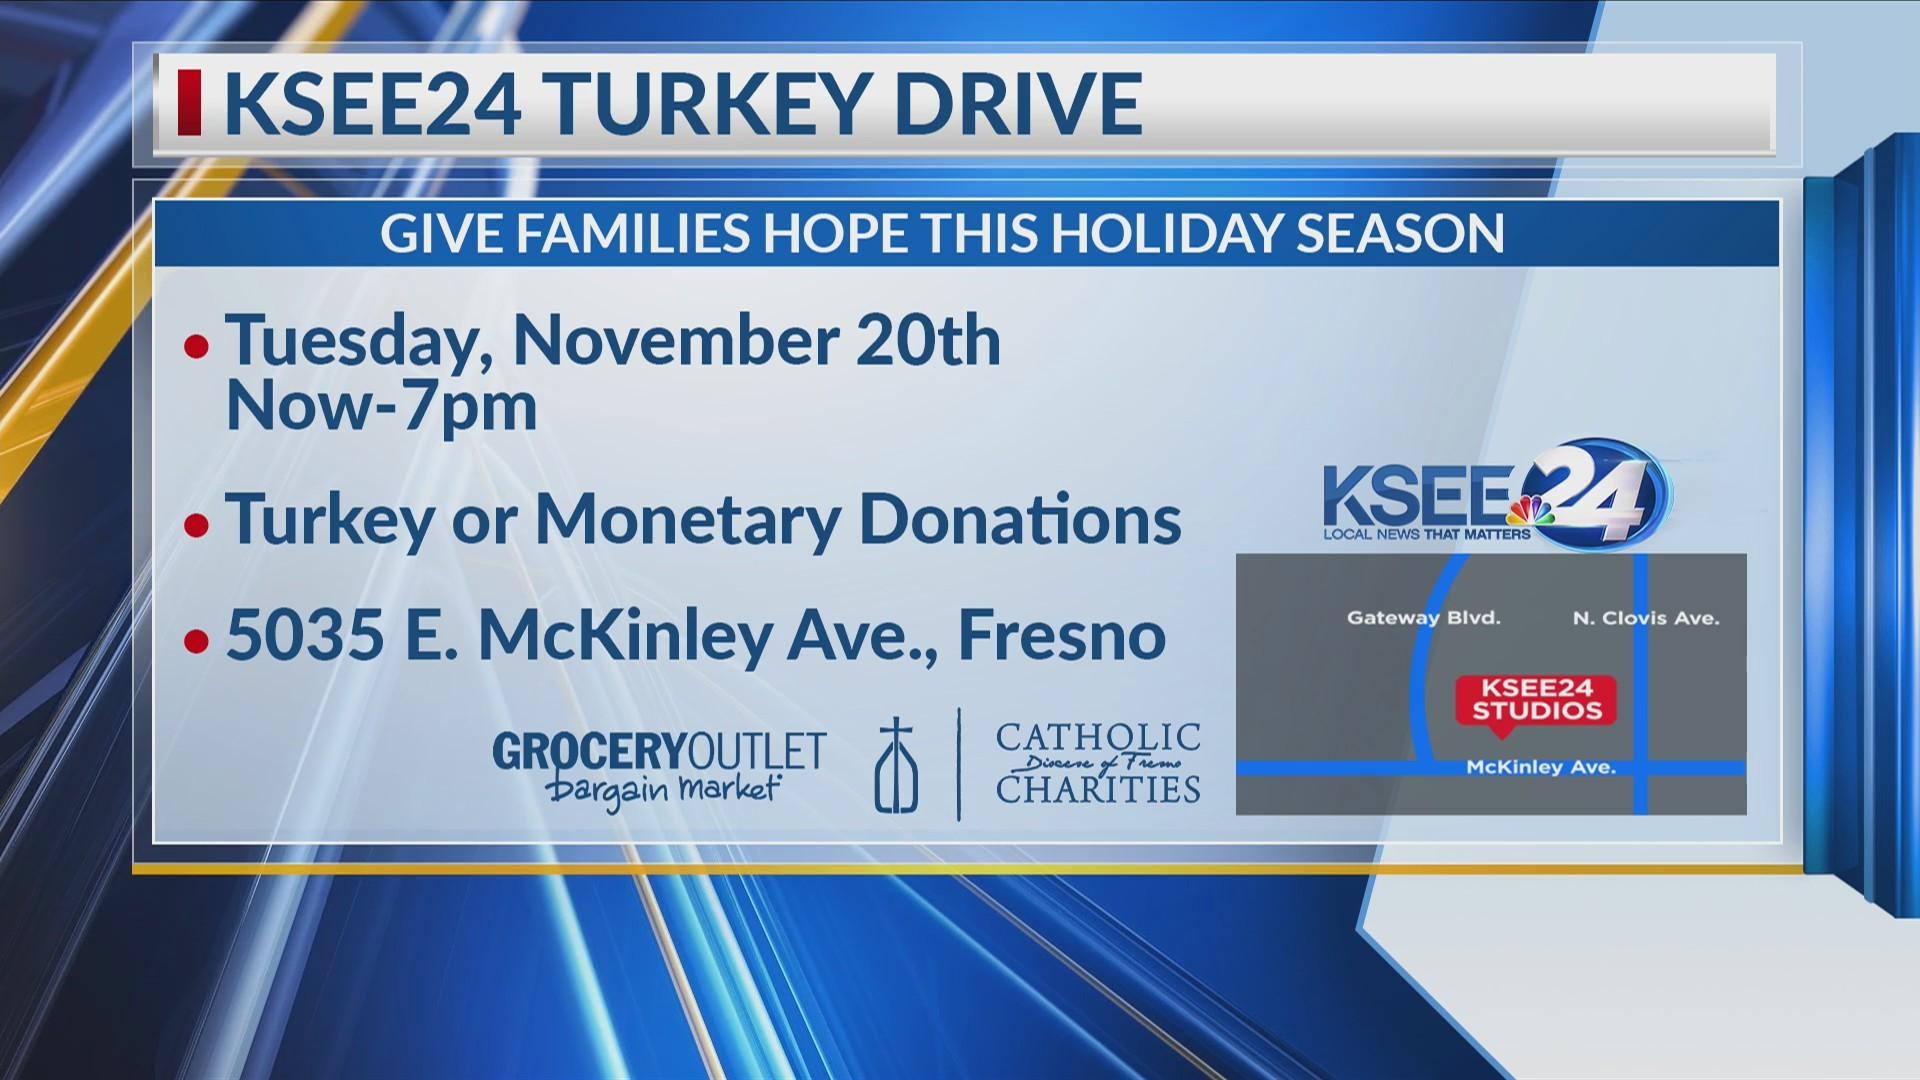 KSEE24 Turkey Drive 1